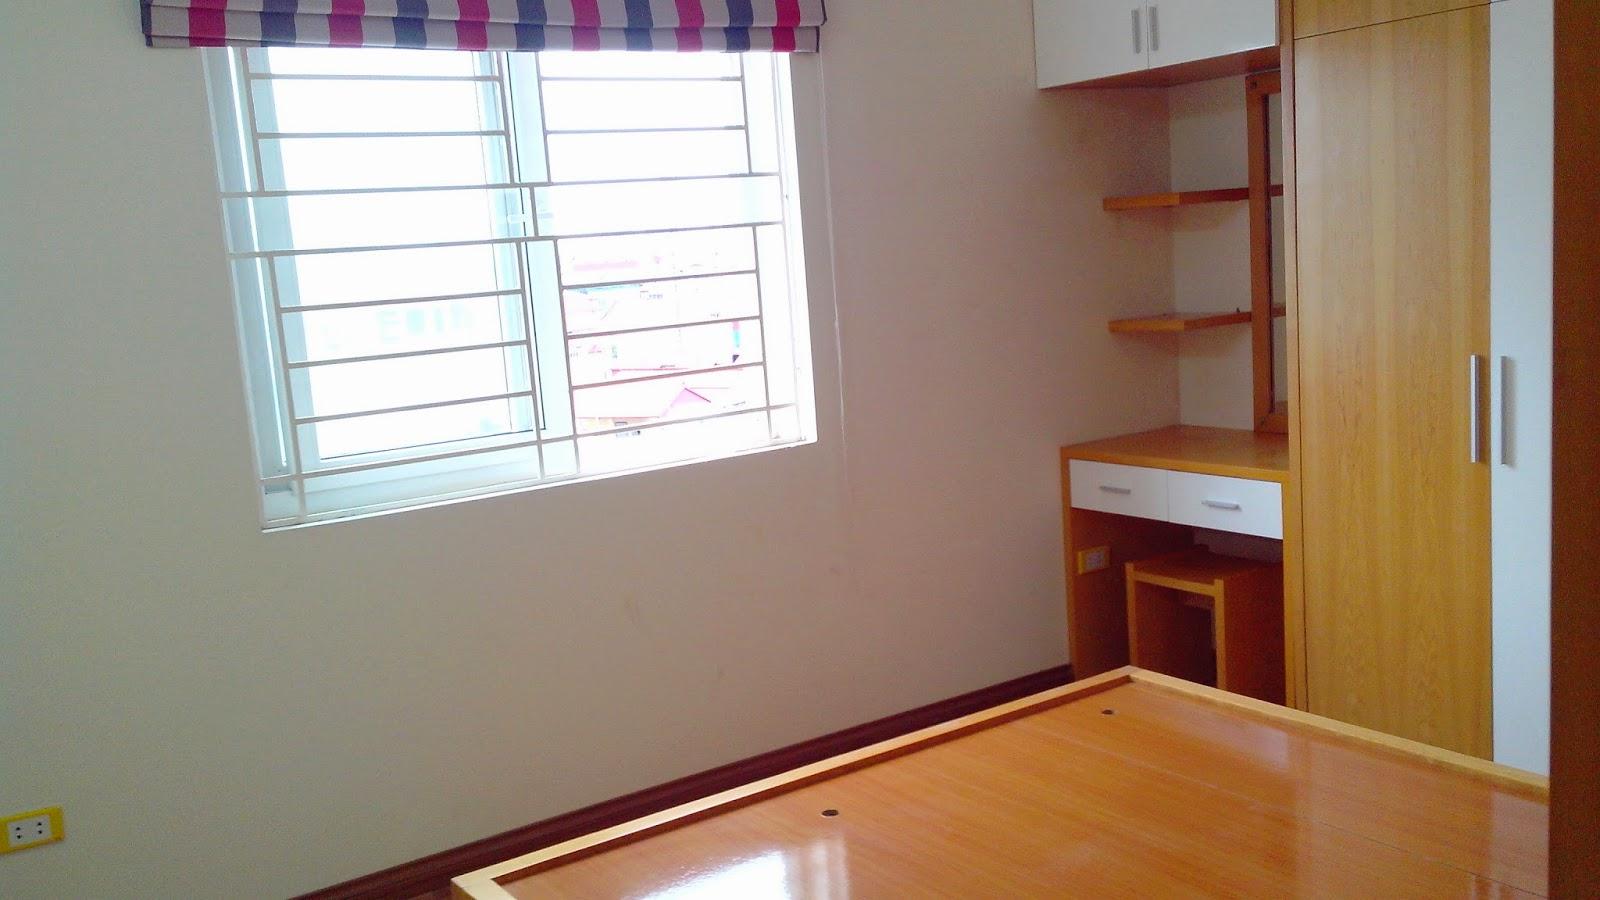 nội thất trong căn hộ chung cư giá rẻ hồ ba mẫu